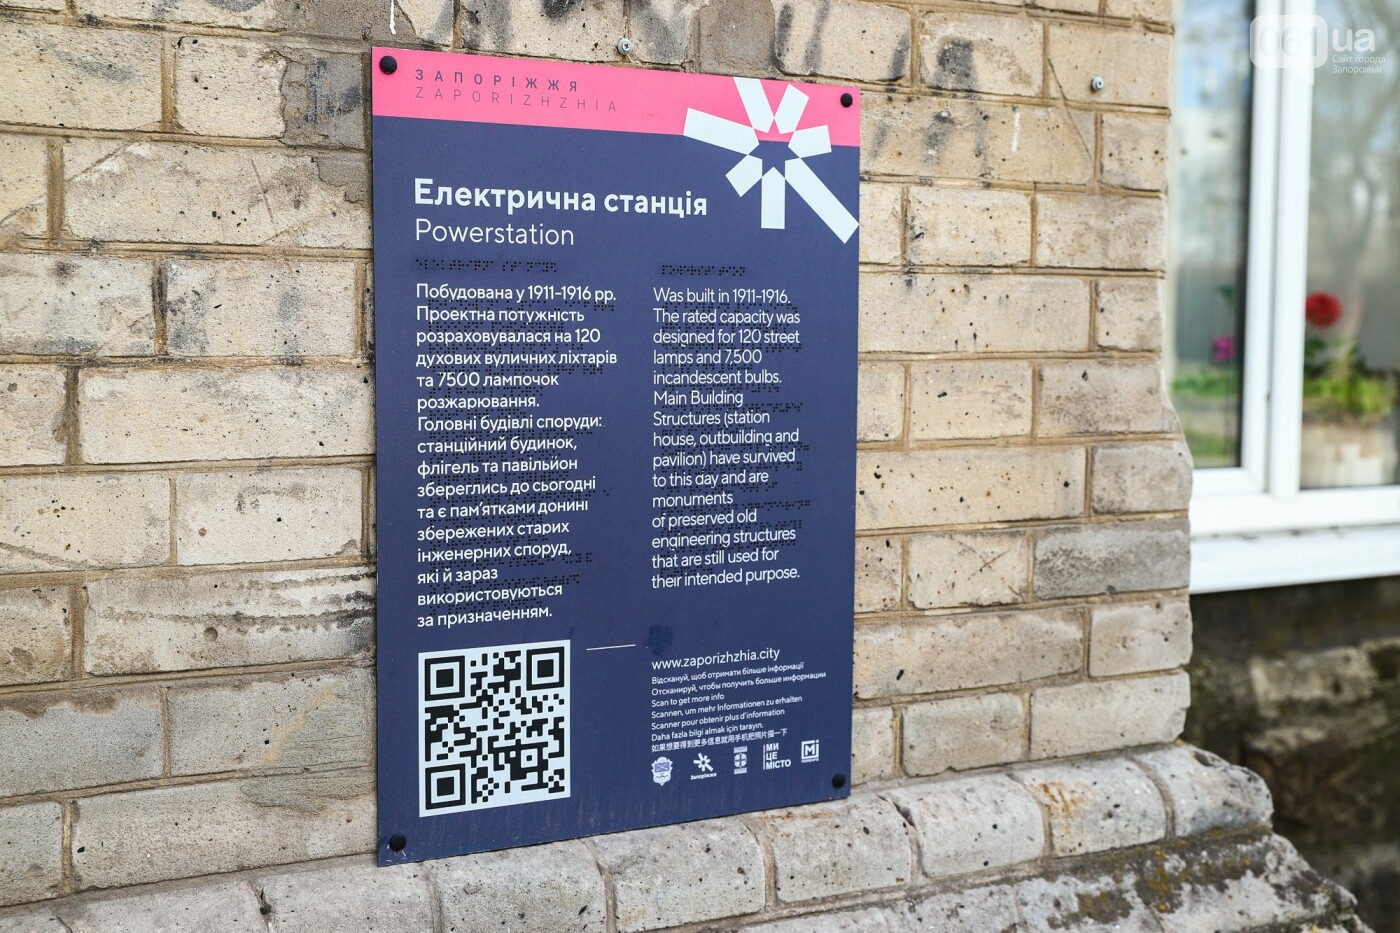 Памятники Старого Александровска: как сейчас выглядит здание первой в городе электростанции, - ФОТО, фото-22